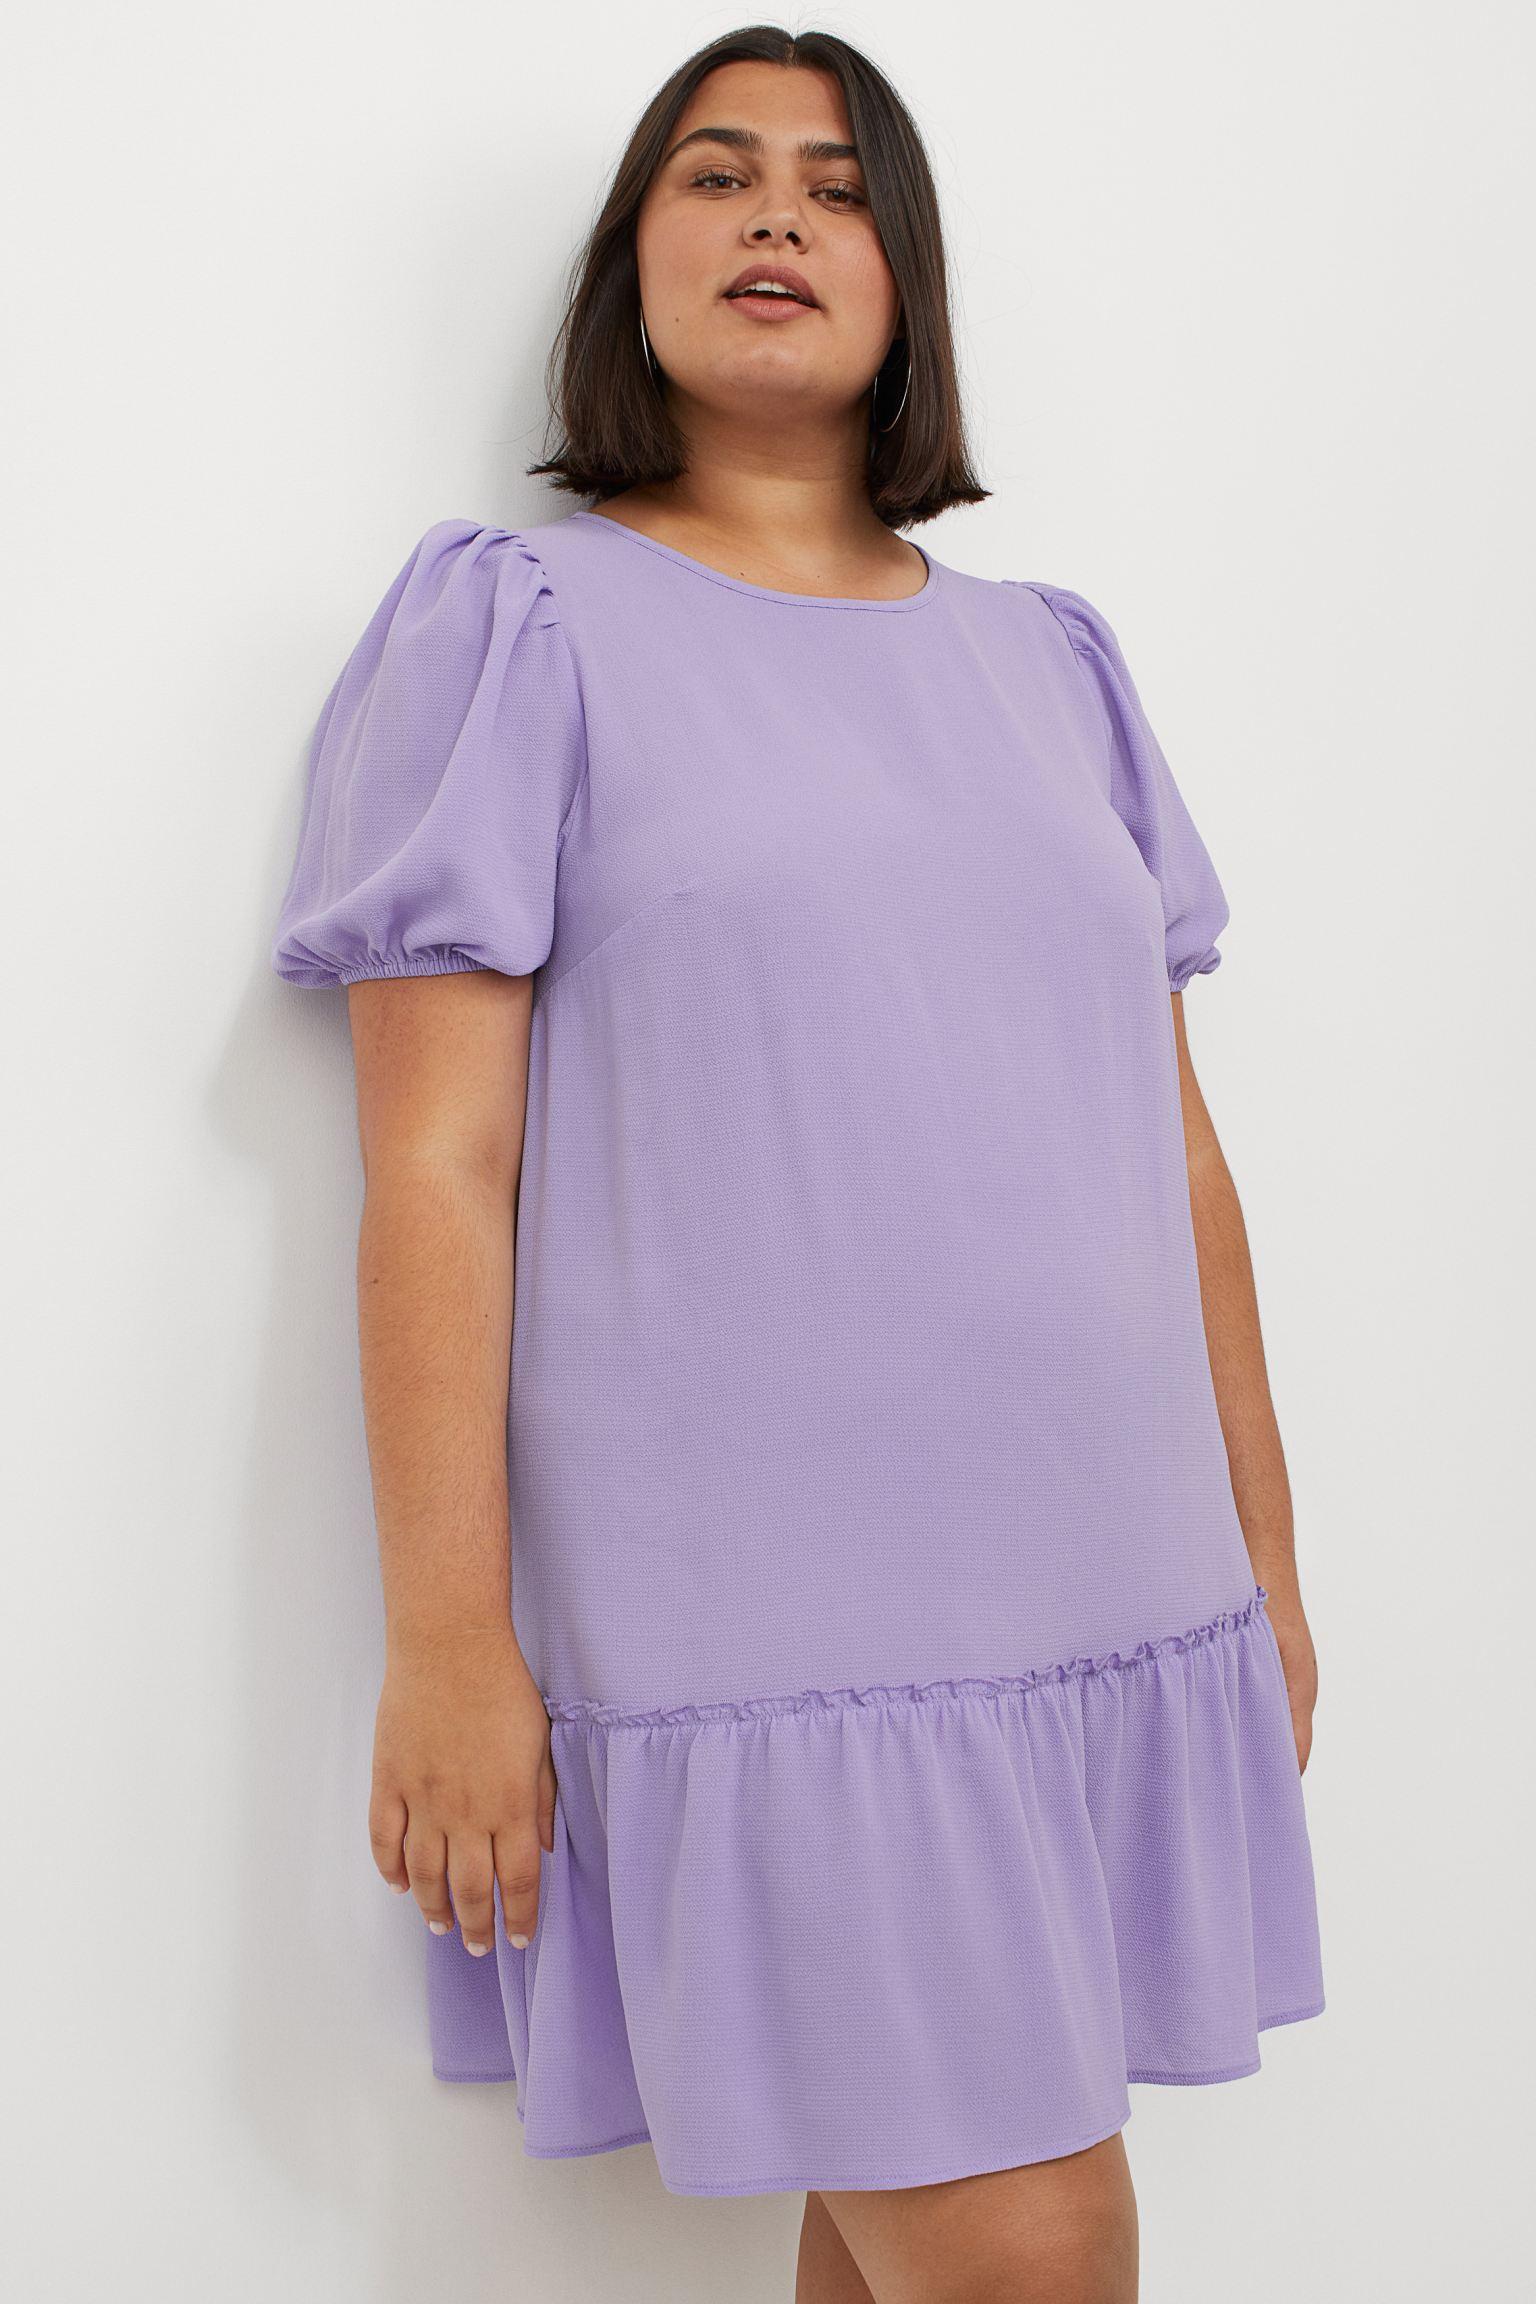 Vestido corto recto de tela con cuello redondo y manga corta abullonada con ribete elástico